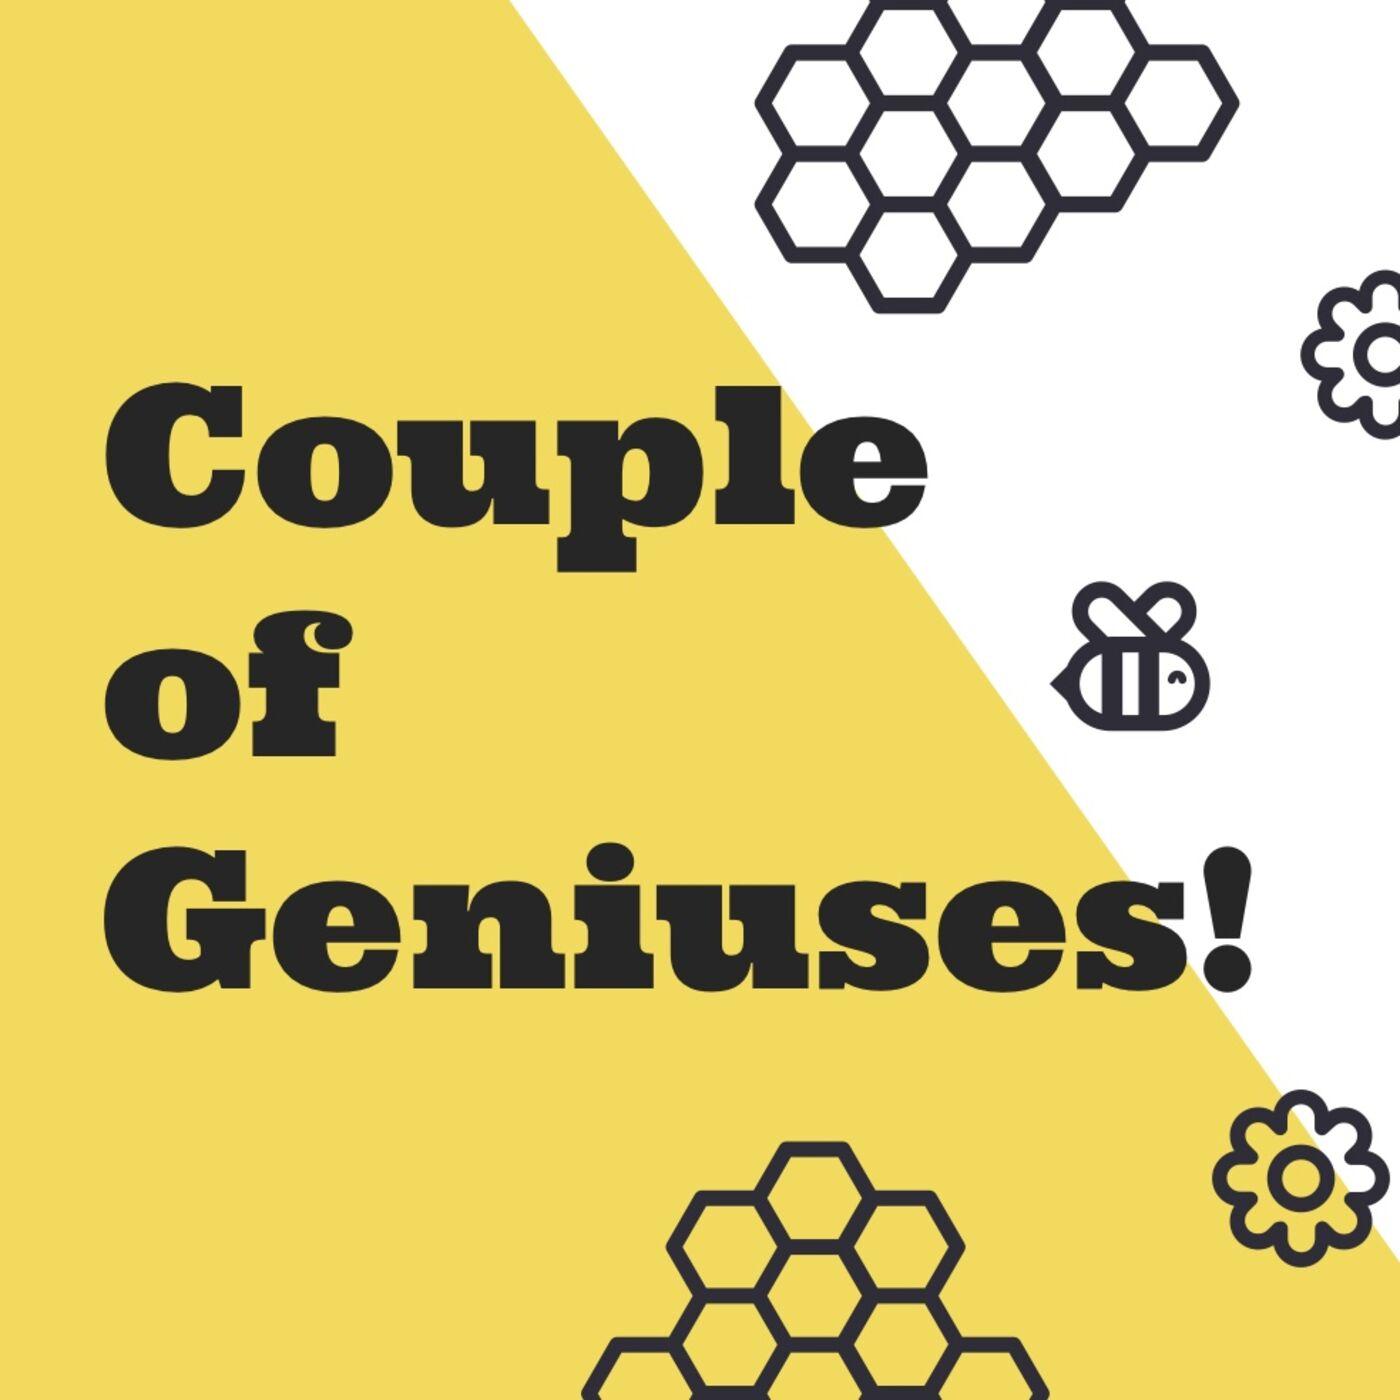 Couple of Geniuses!